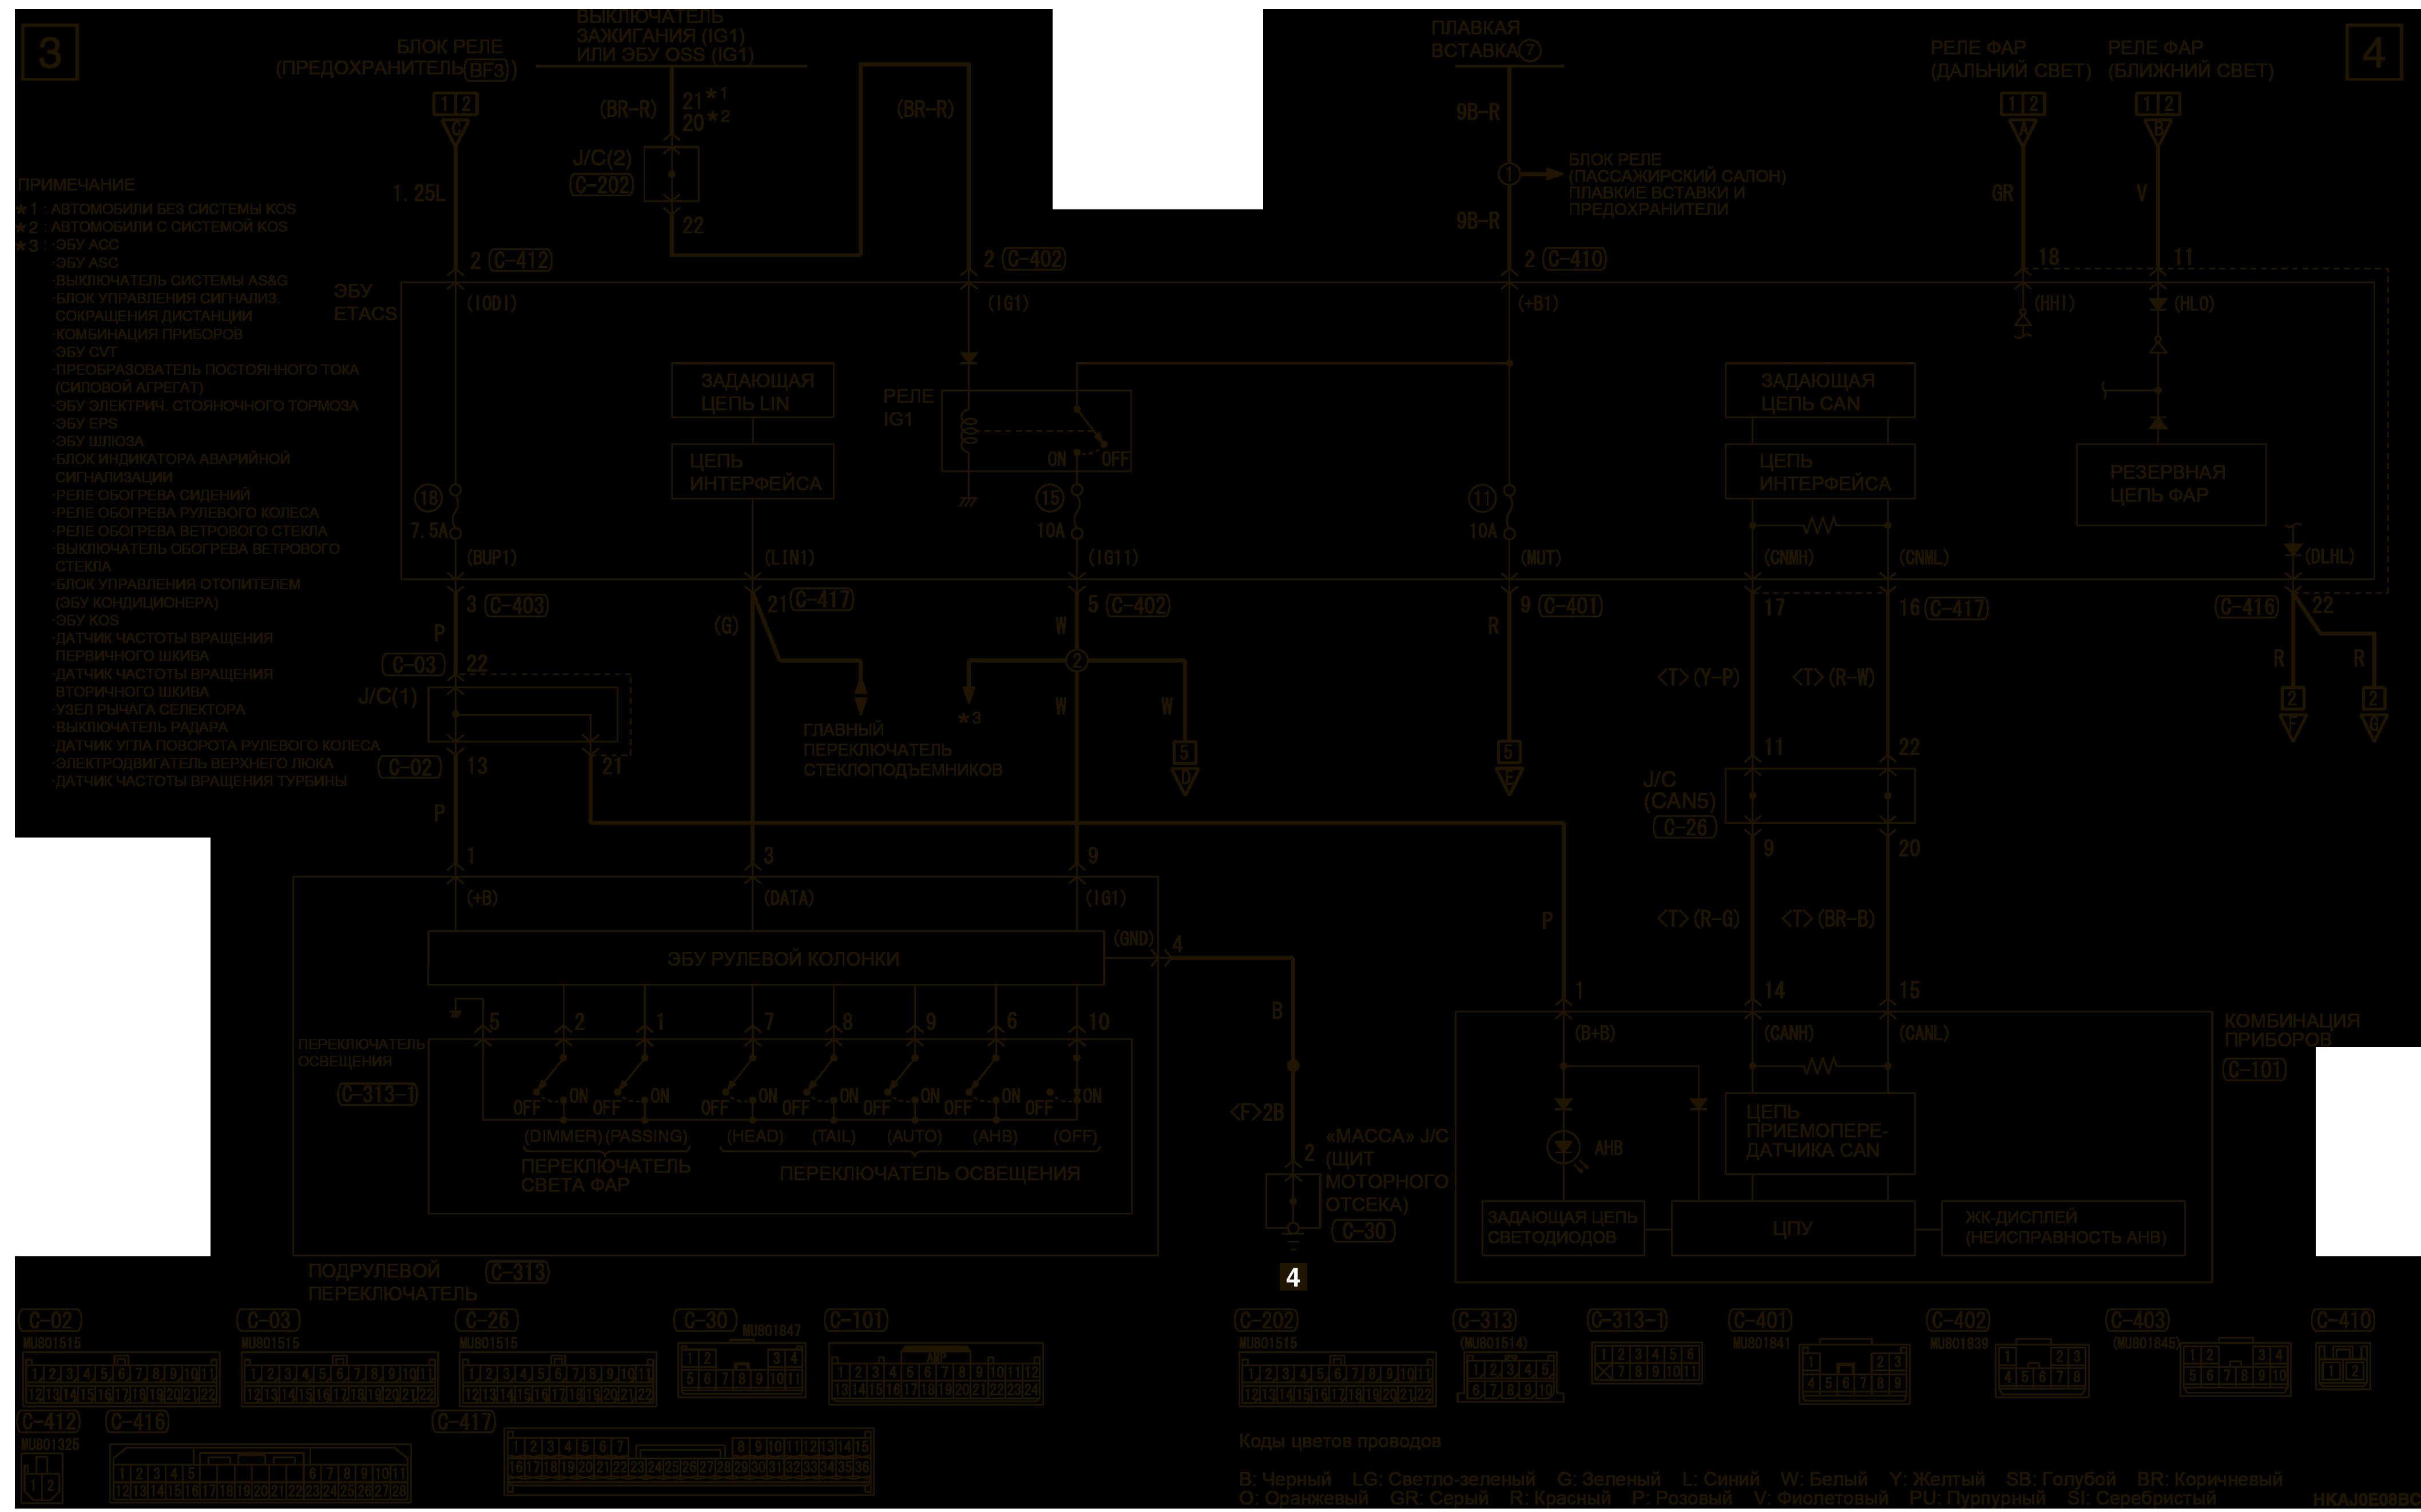 mmc аутлендер 3 2019 электросхемаСИСТЕМА АВТОМАТИЧЕСКОГО ПЕРЕКЛЮЧЕНИЯ ДАЛЬНЕГО СВЕТА ПРАВОСТОРОННЕЕ УПРАВЛЕНИЕ